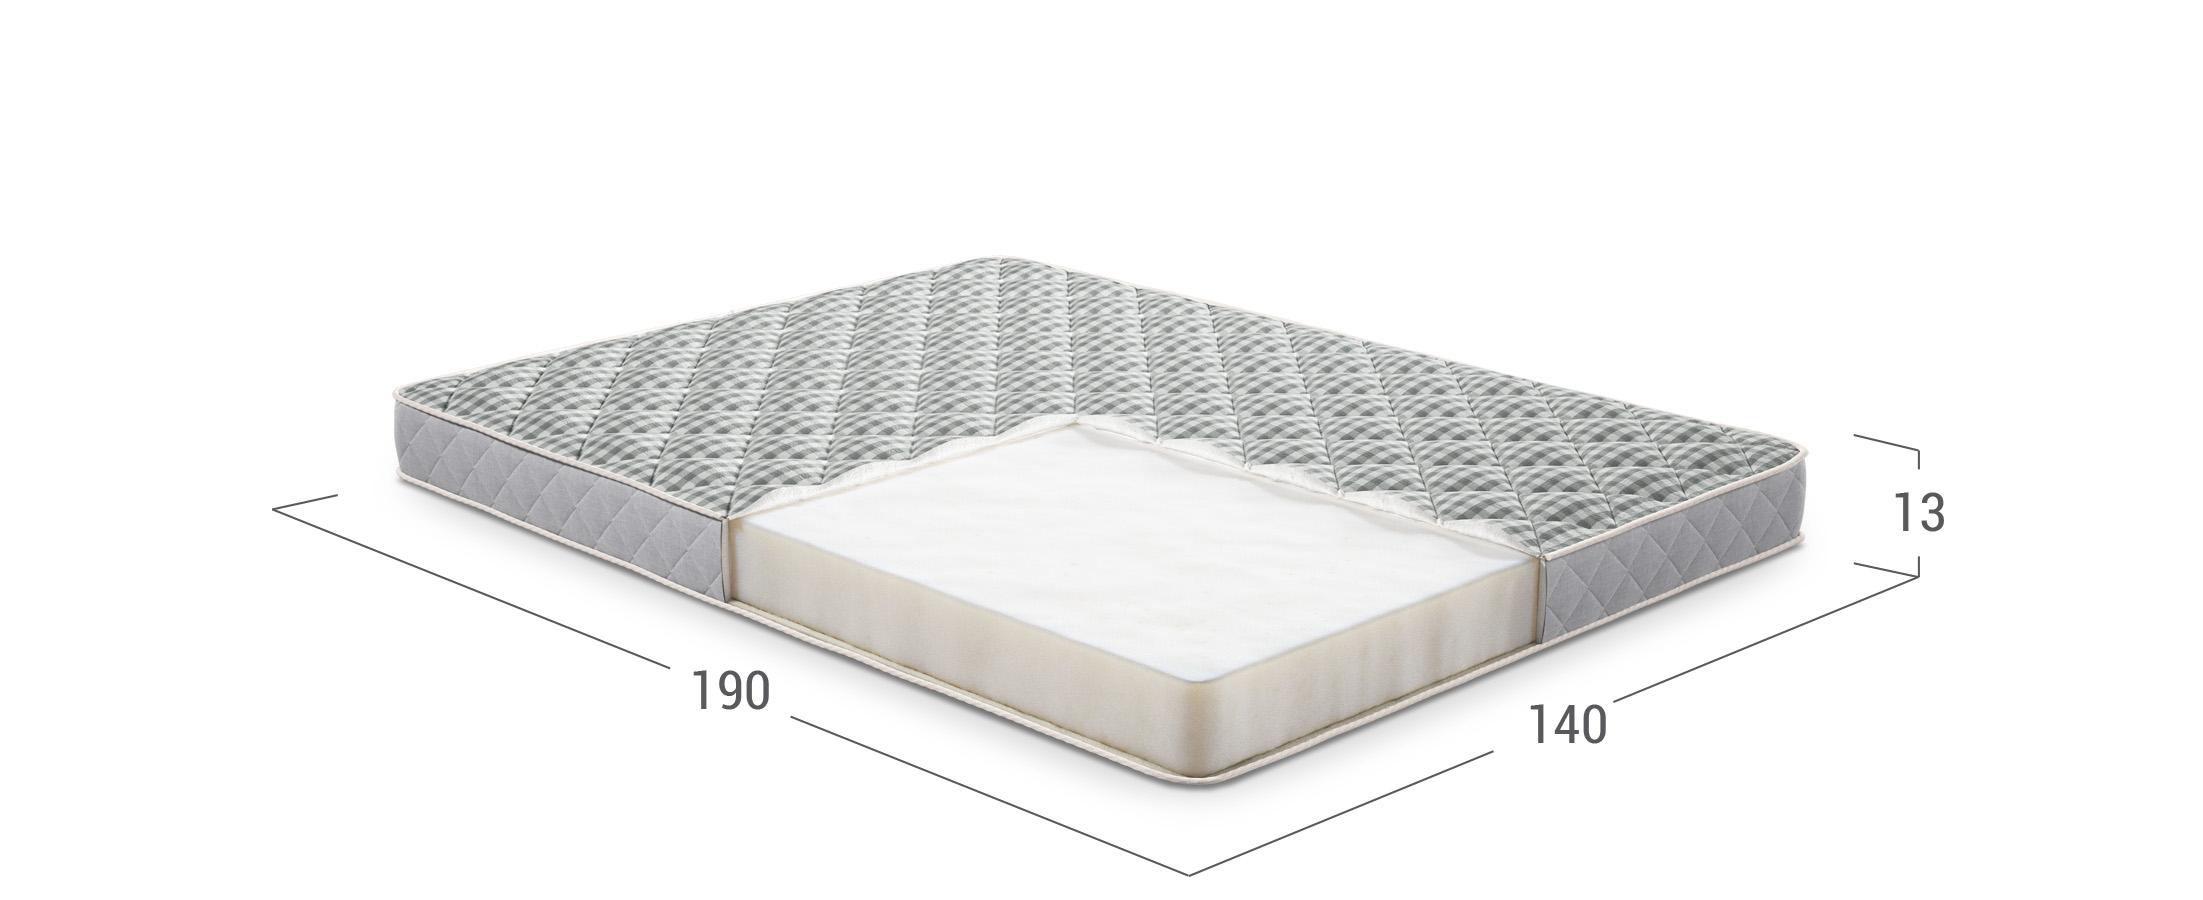 Optimum Flex 425 матрас 140x190